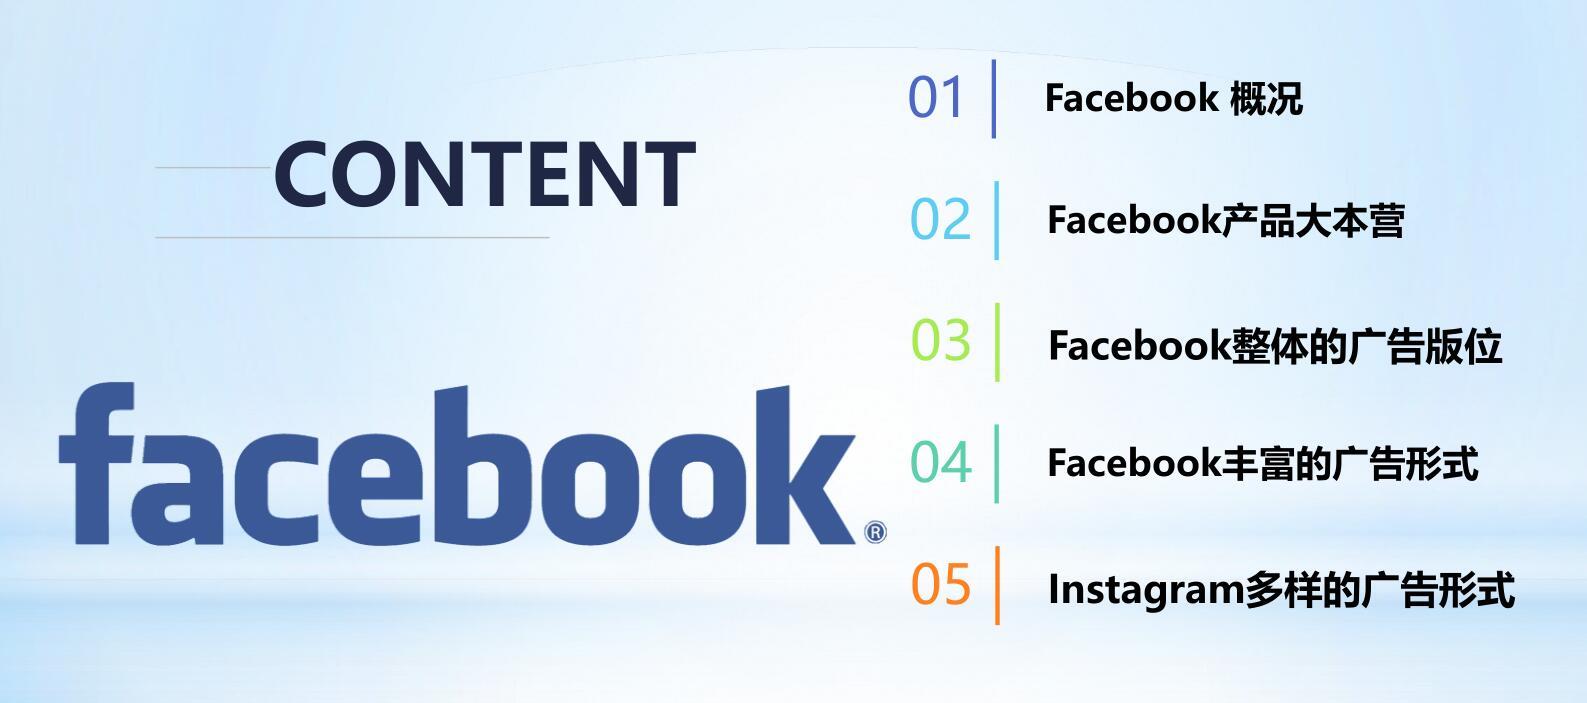 Facebook产品大本营及Facebook整体的广告形式讲解